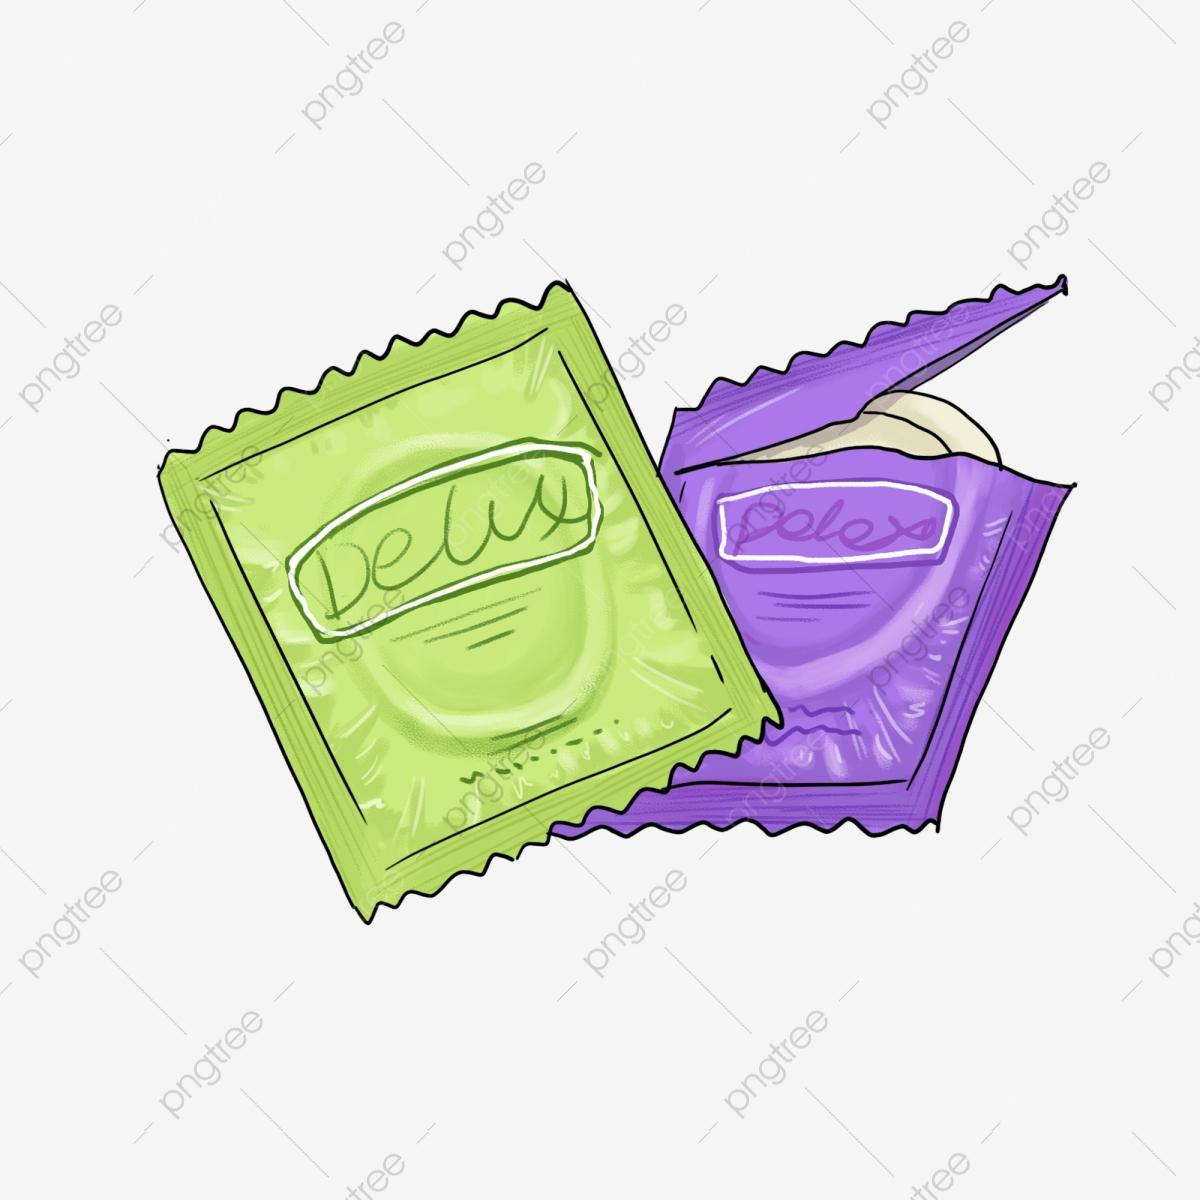 ilustrasi kartun kondom karet karet kondom artikel png transparan gambar clipart dan file psd untuk unduh gratis https id pngtree com freepng cartoon rubber condom illustration 5453056 html